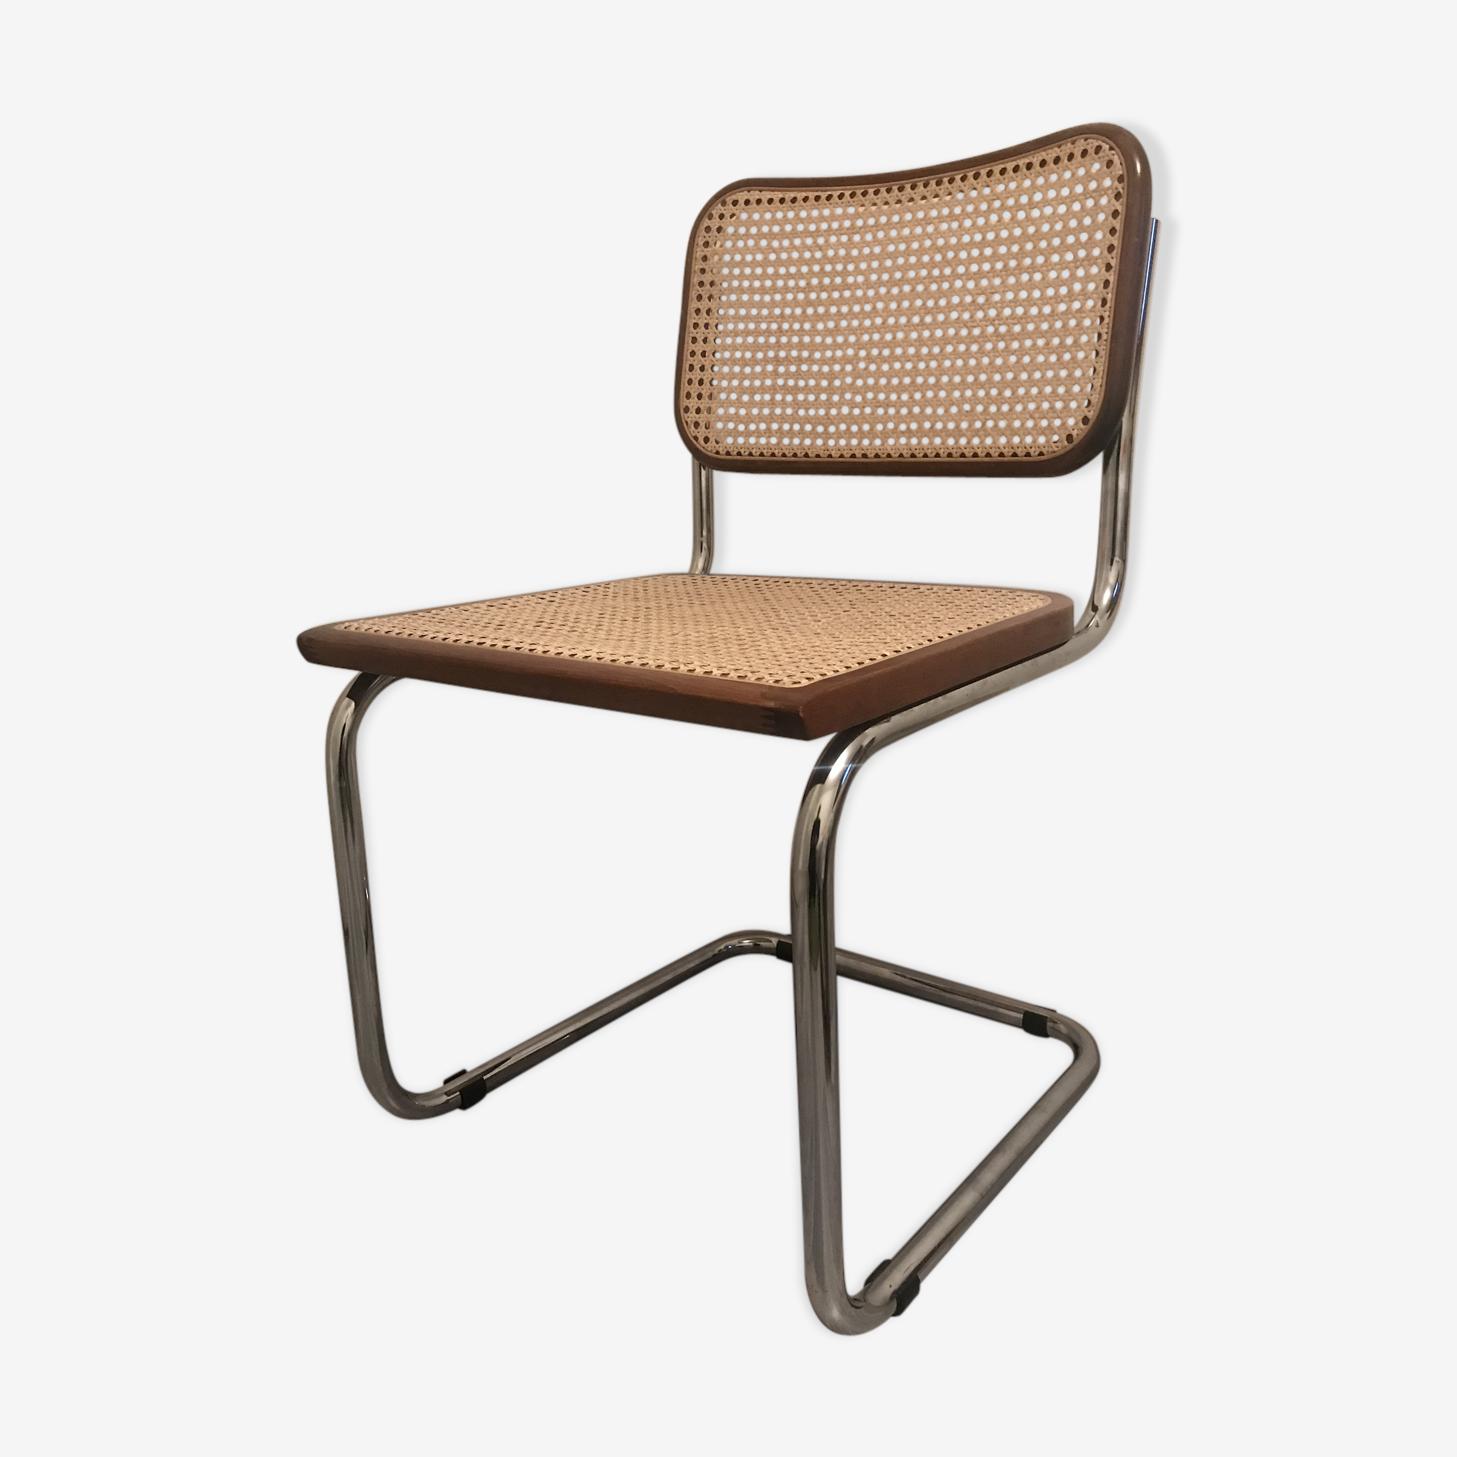 Chair B32 by Marcel Breuer